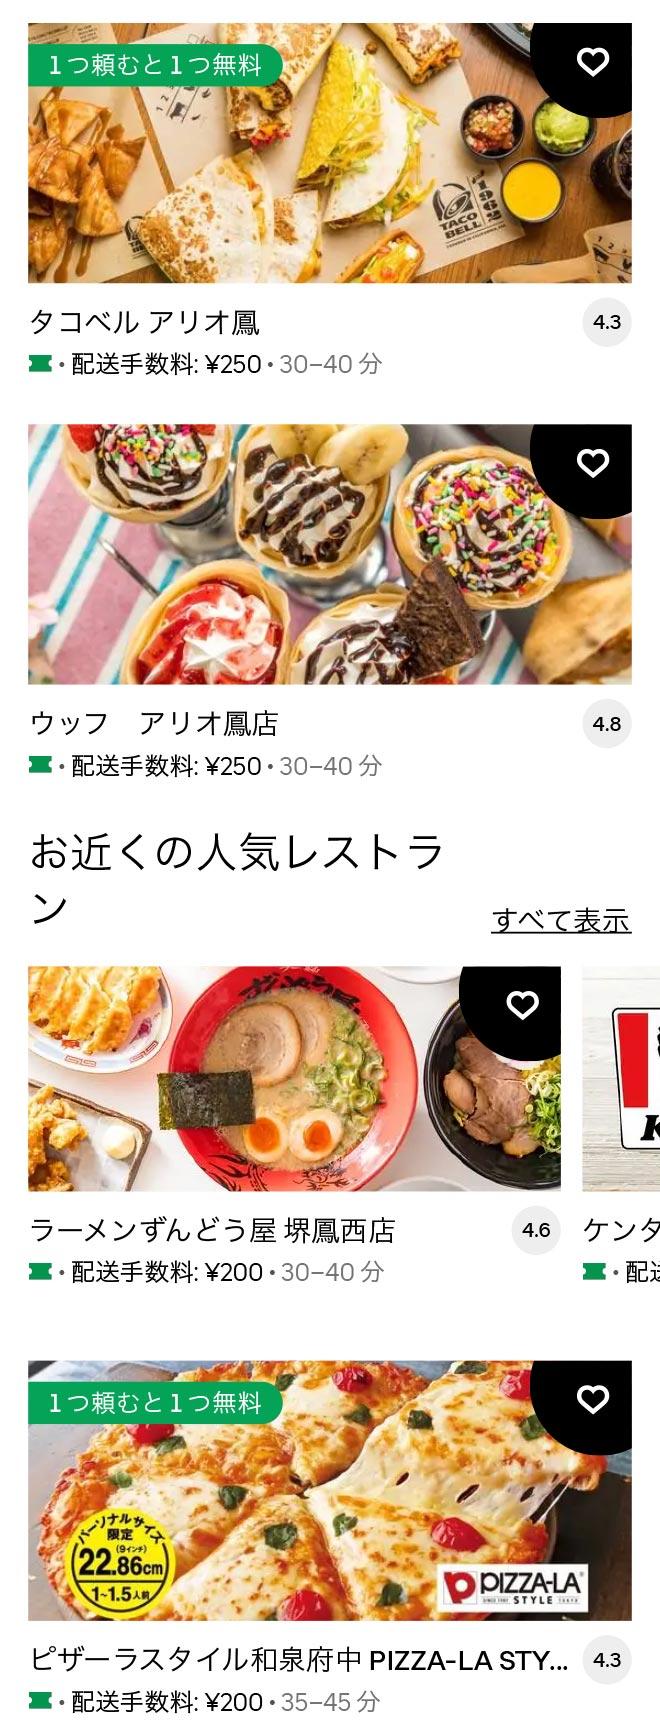 U kitashinoda 2105 07